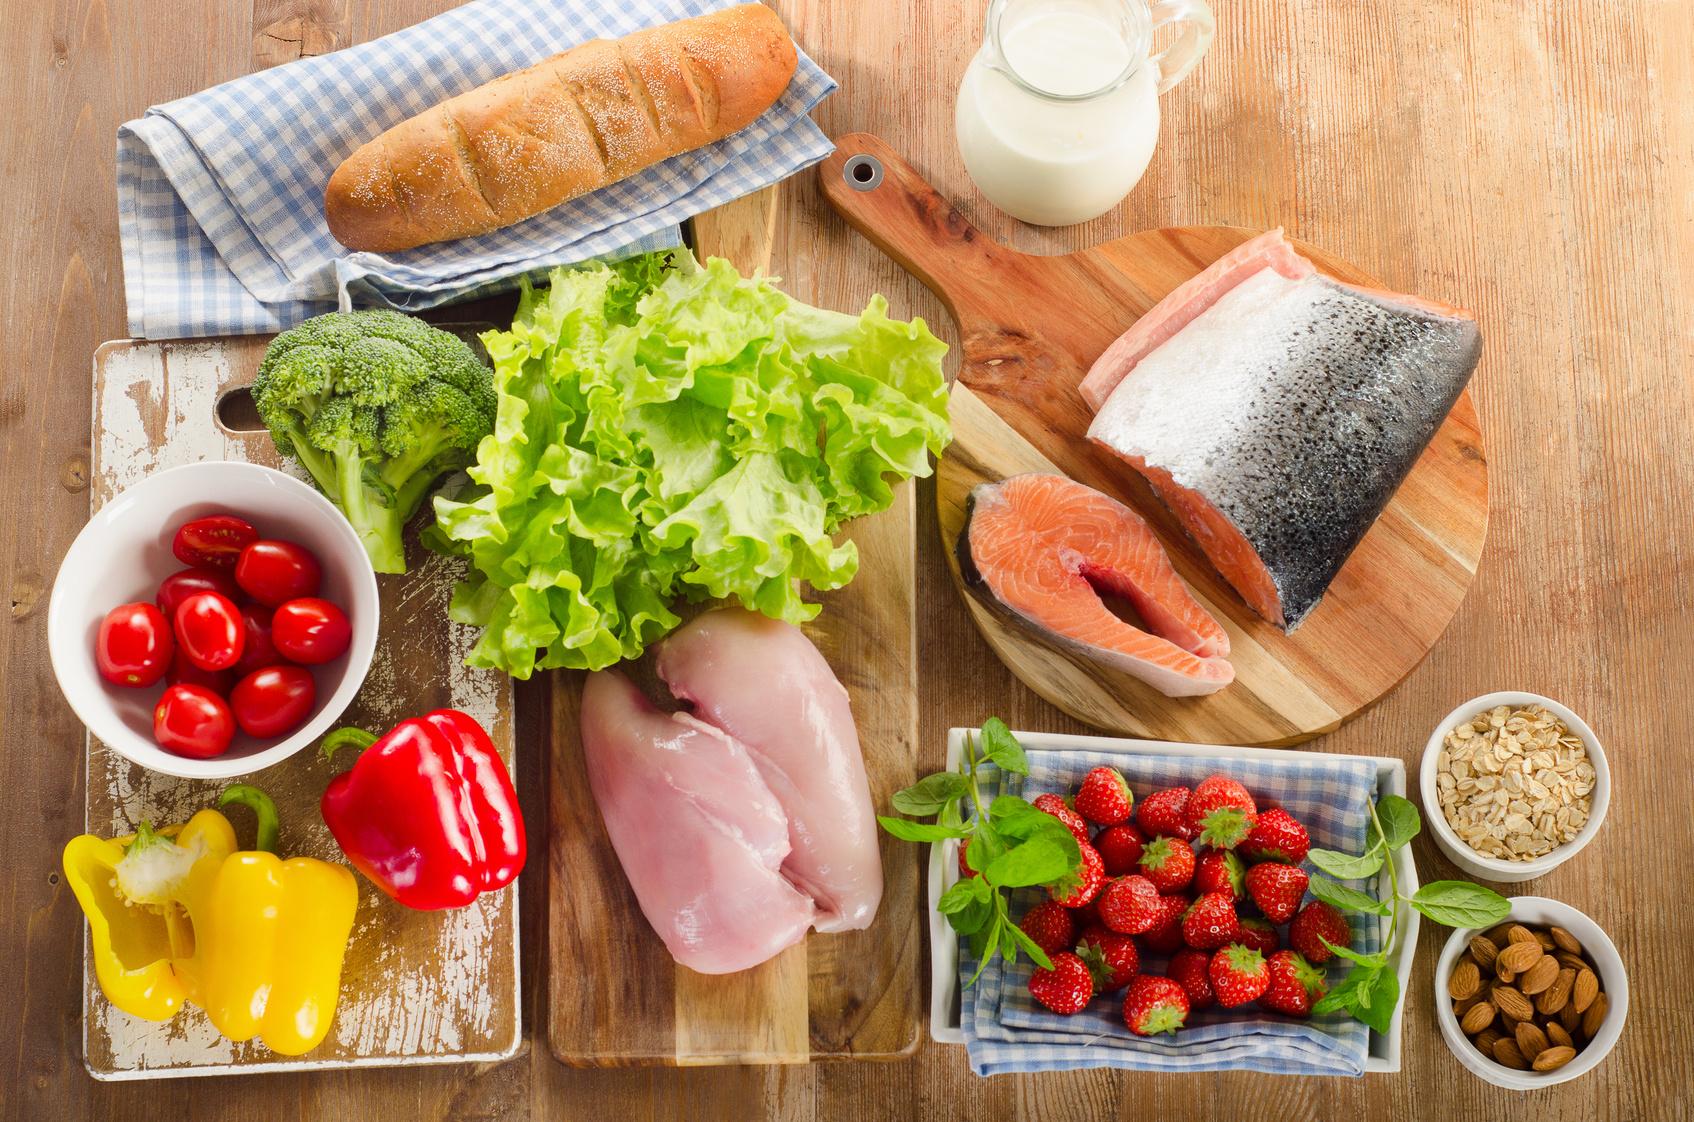 malnutrizione dieta bilanciata cibo